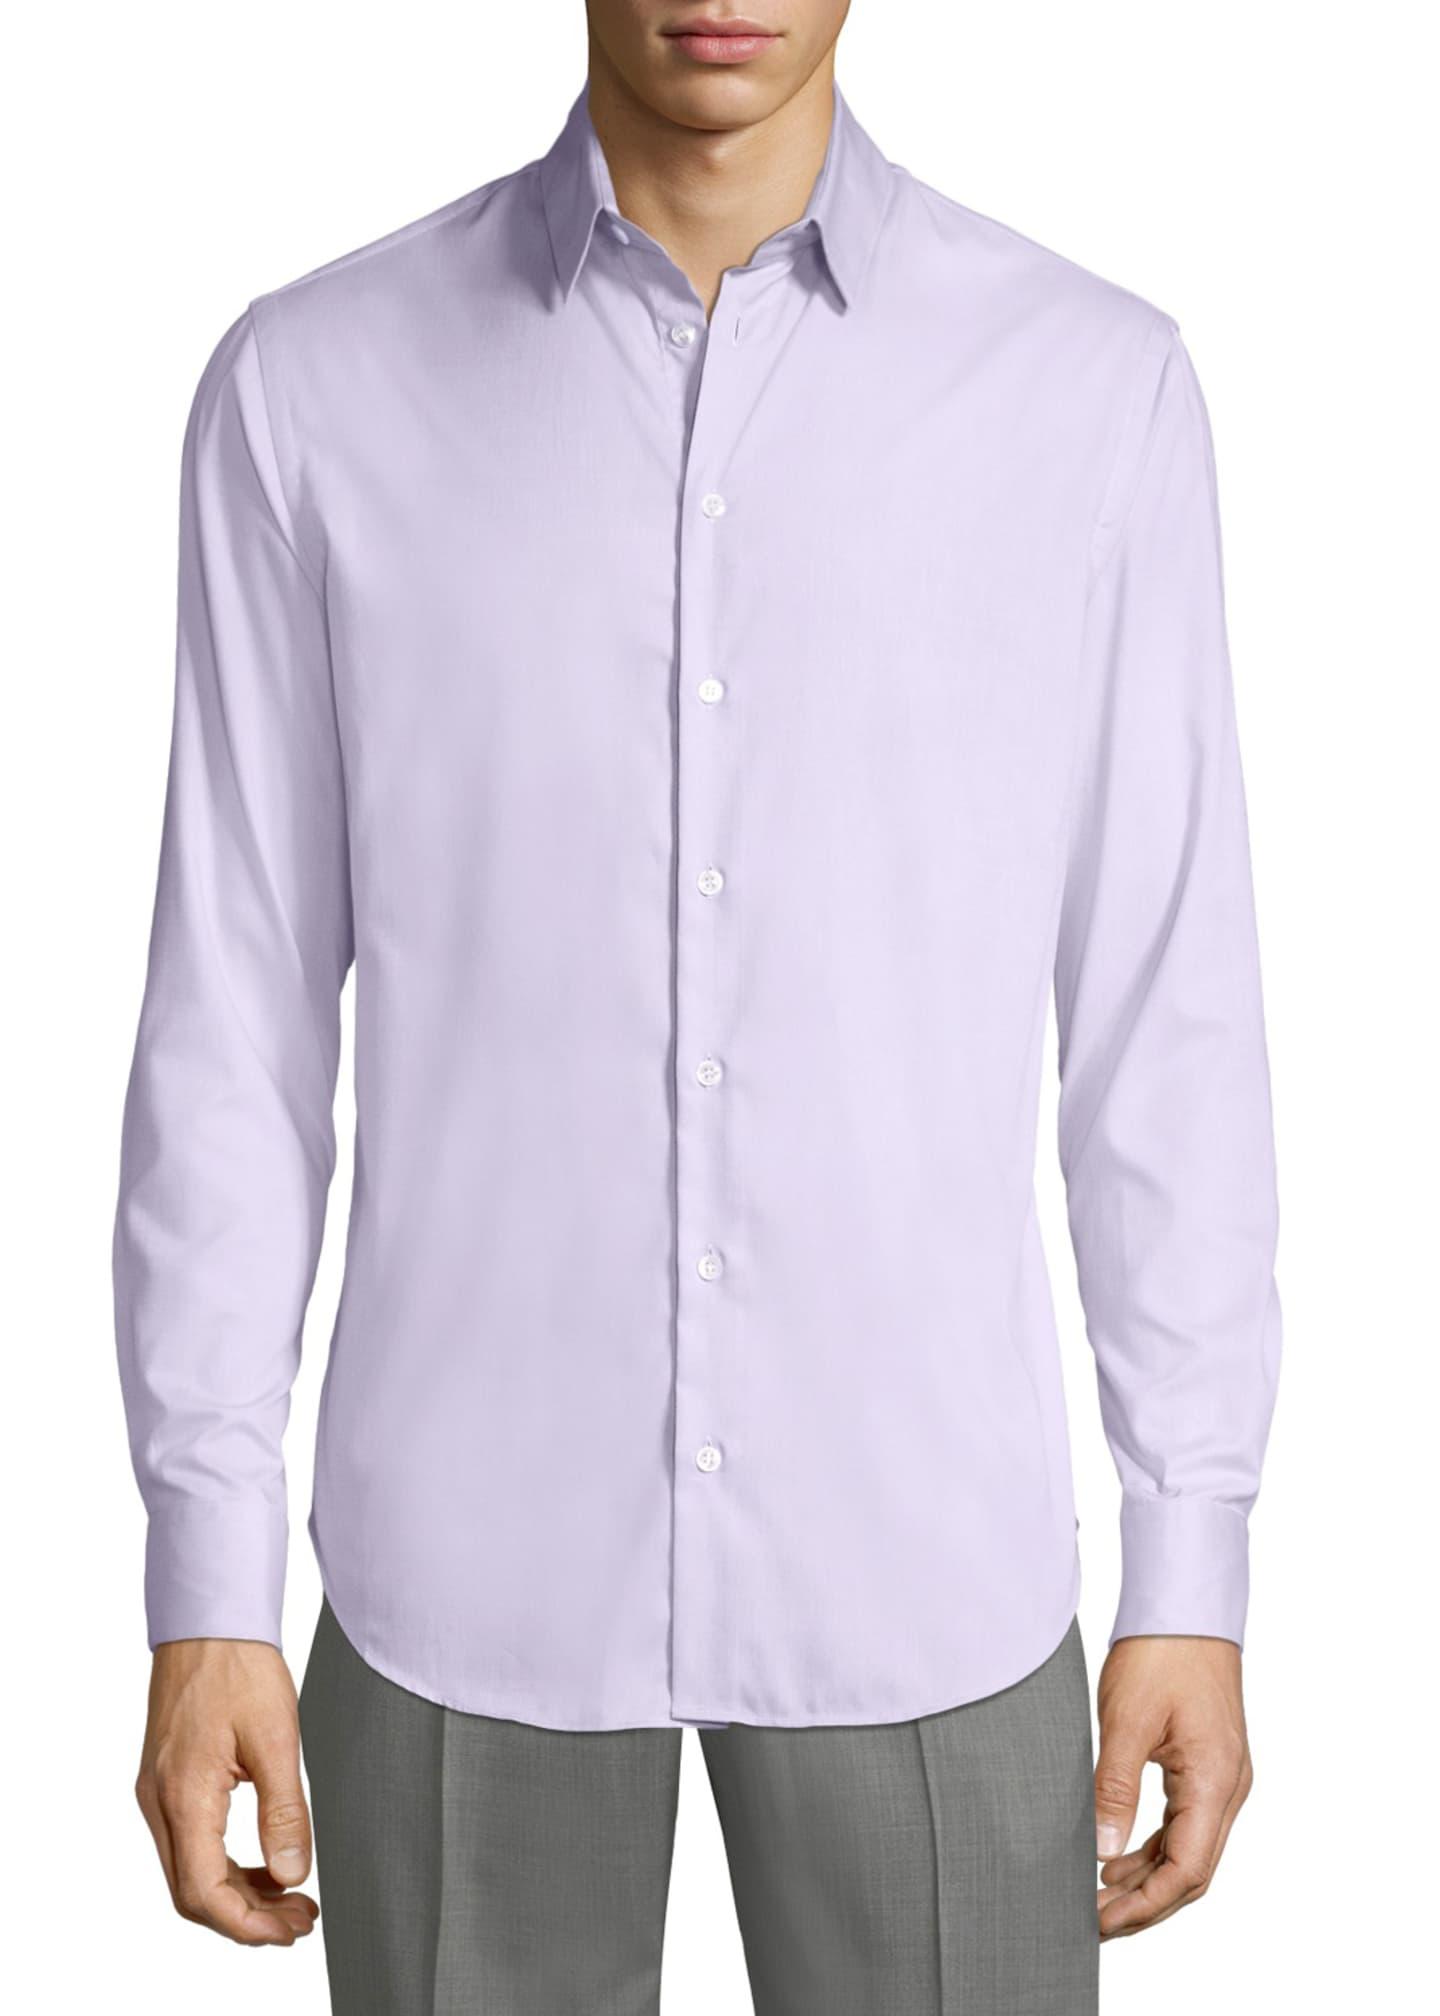 Giorgio Armani Men's Micro Neat Sport Shirt